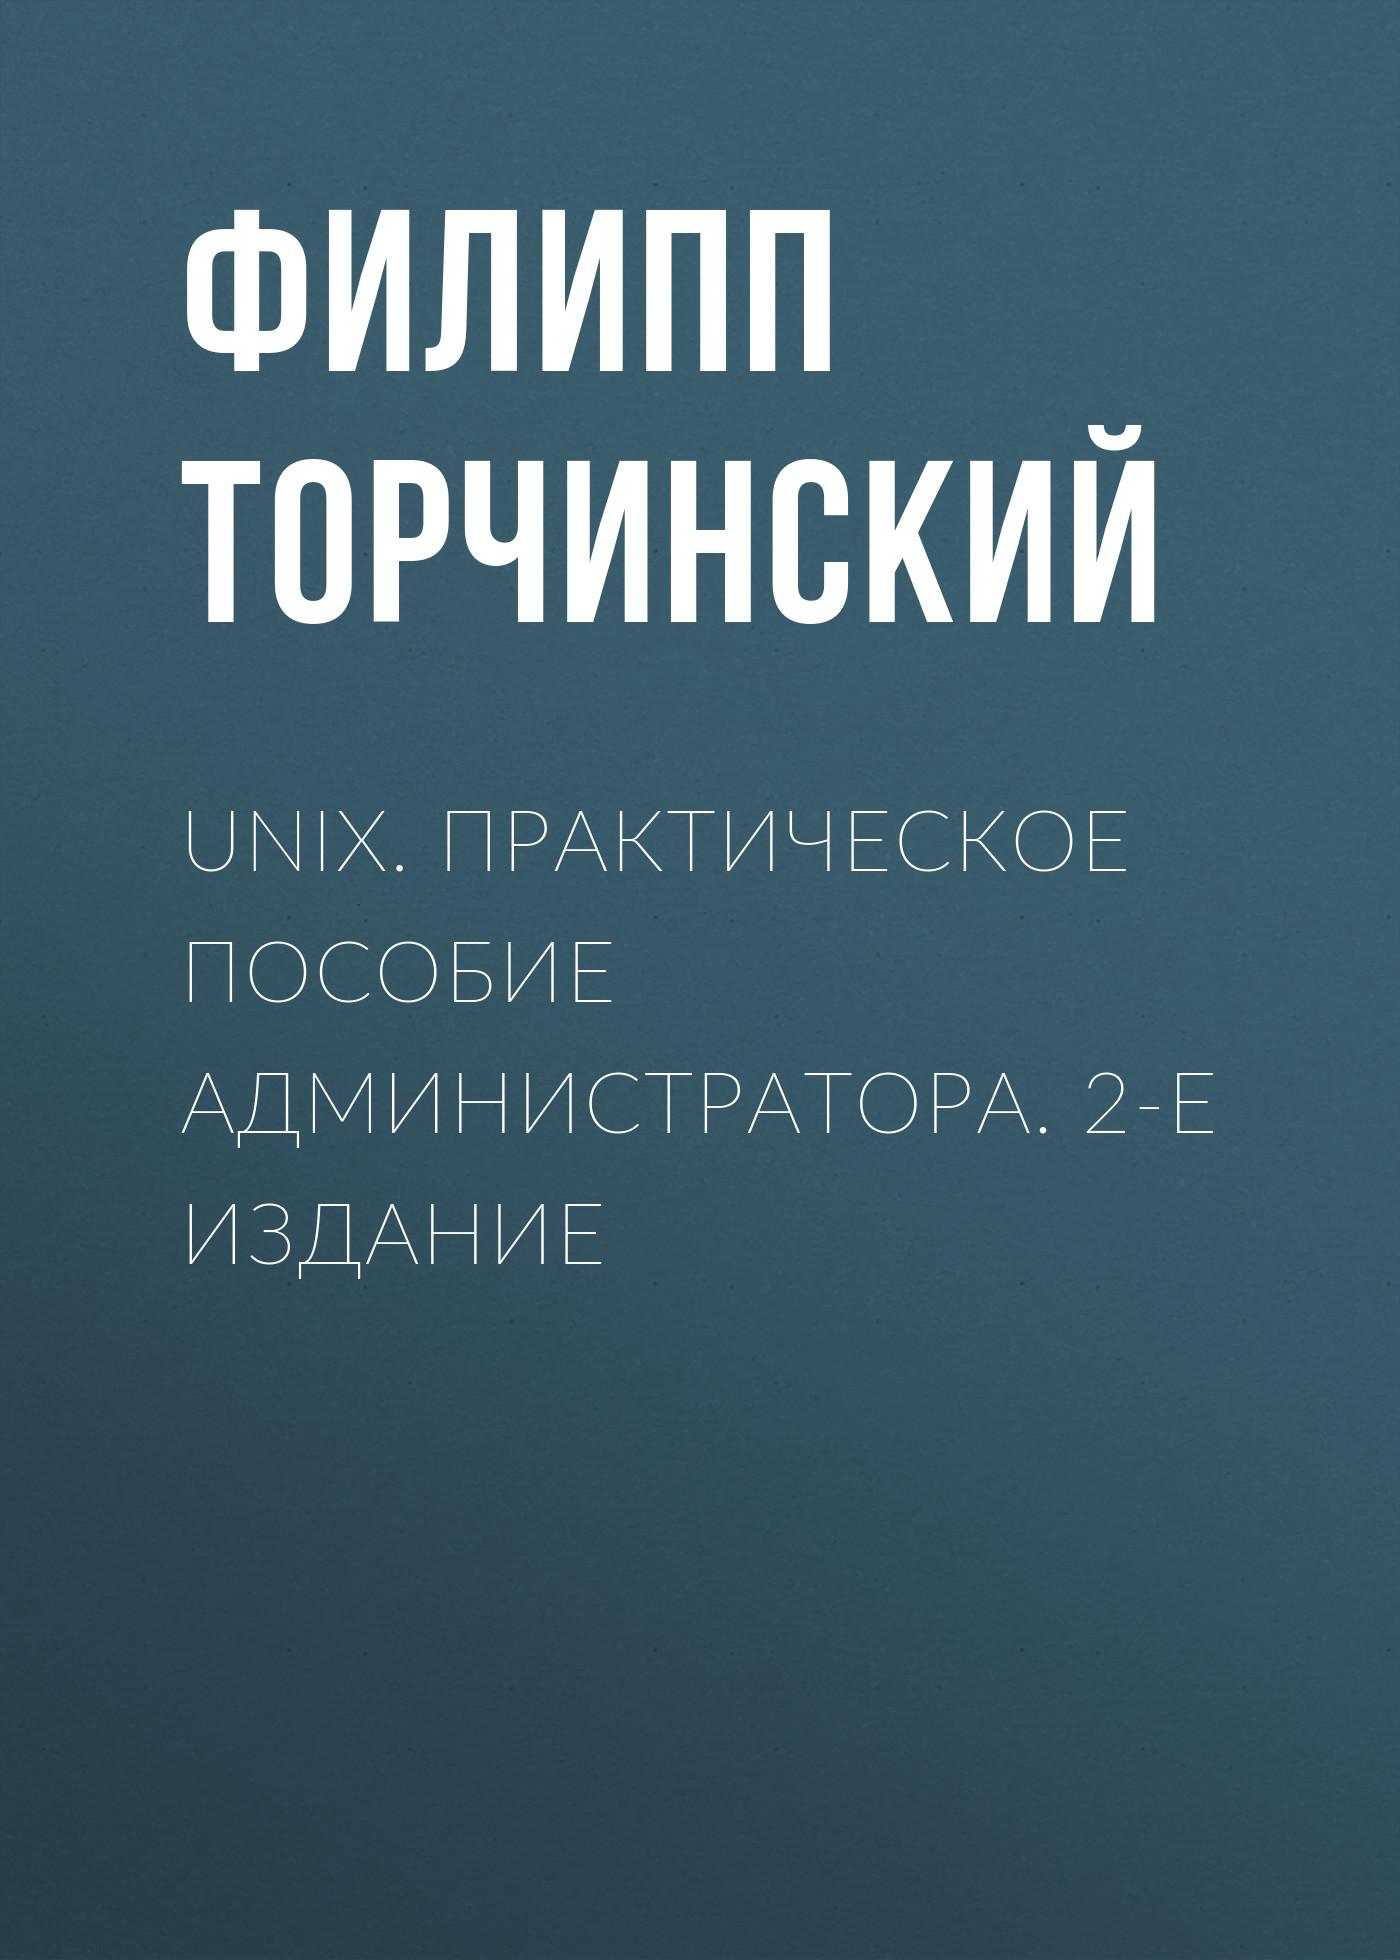 Филипп Торчинский UNIX. Практическое пособие администратора. 2-е издание майк лукидес настройка производительности unix систем 2 е издание